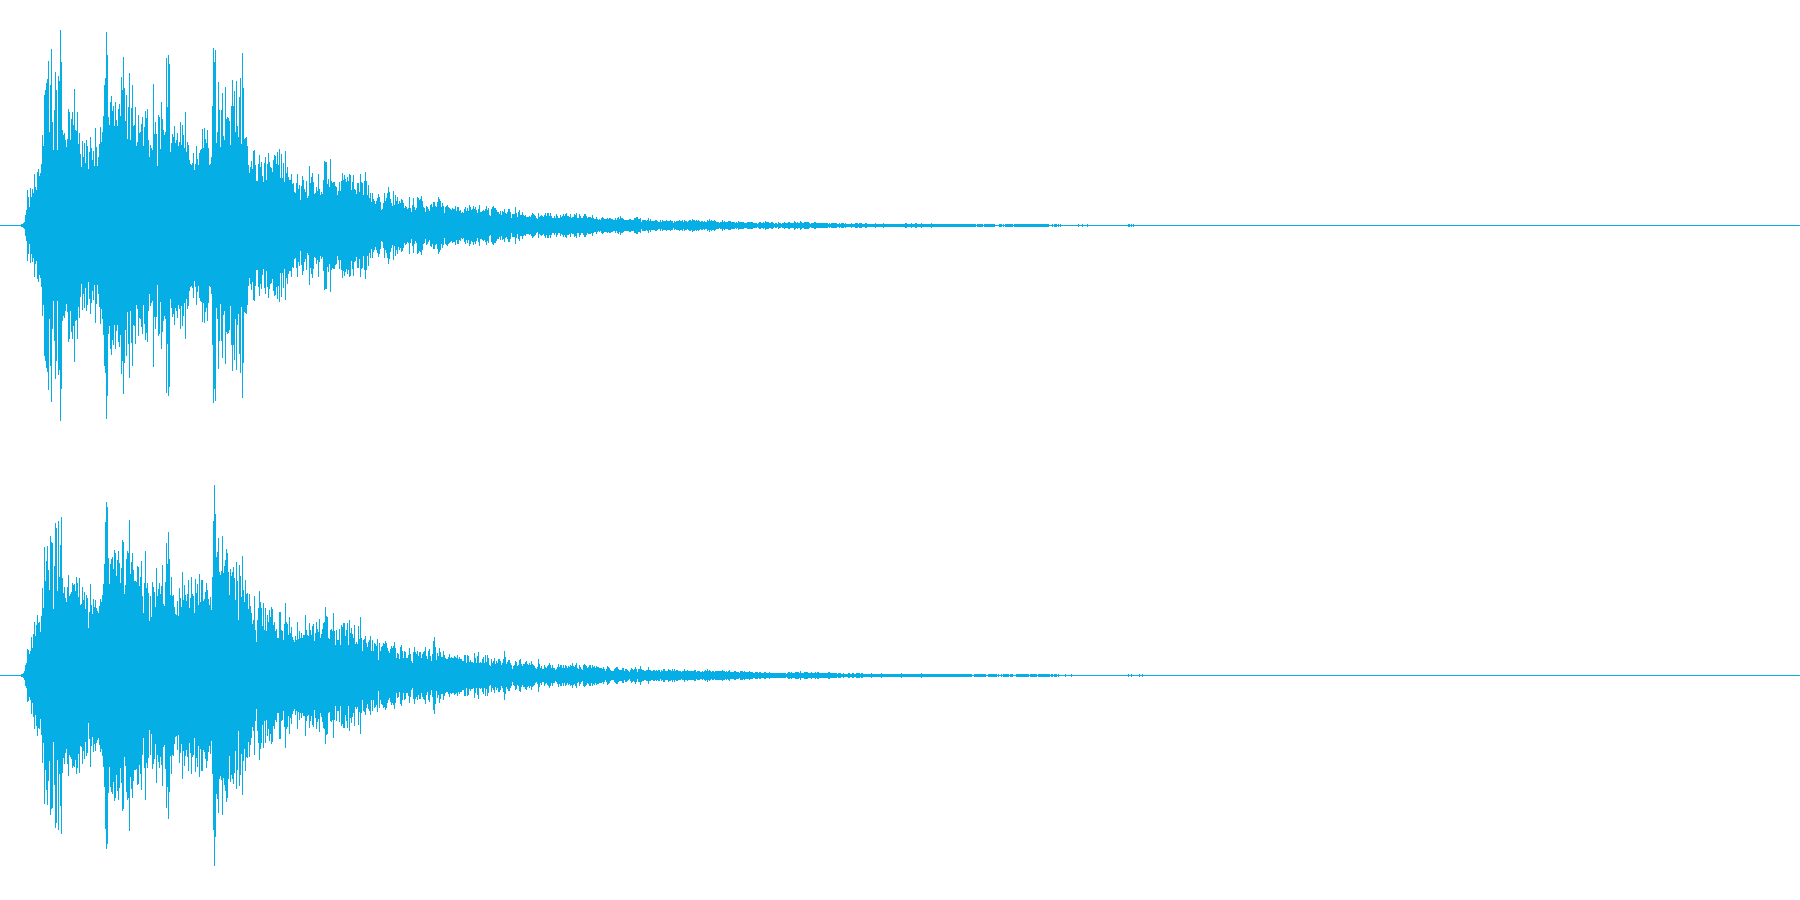 シャーン(鈴、決定、ピッチ高め)の再生済みの波形